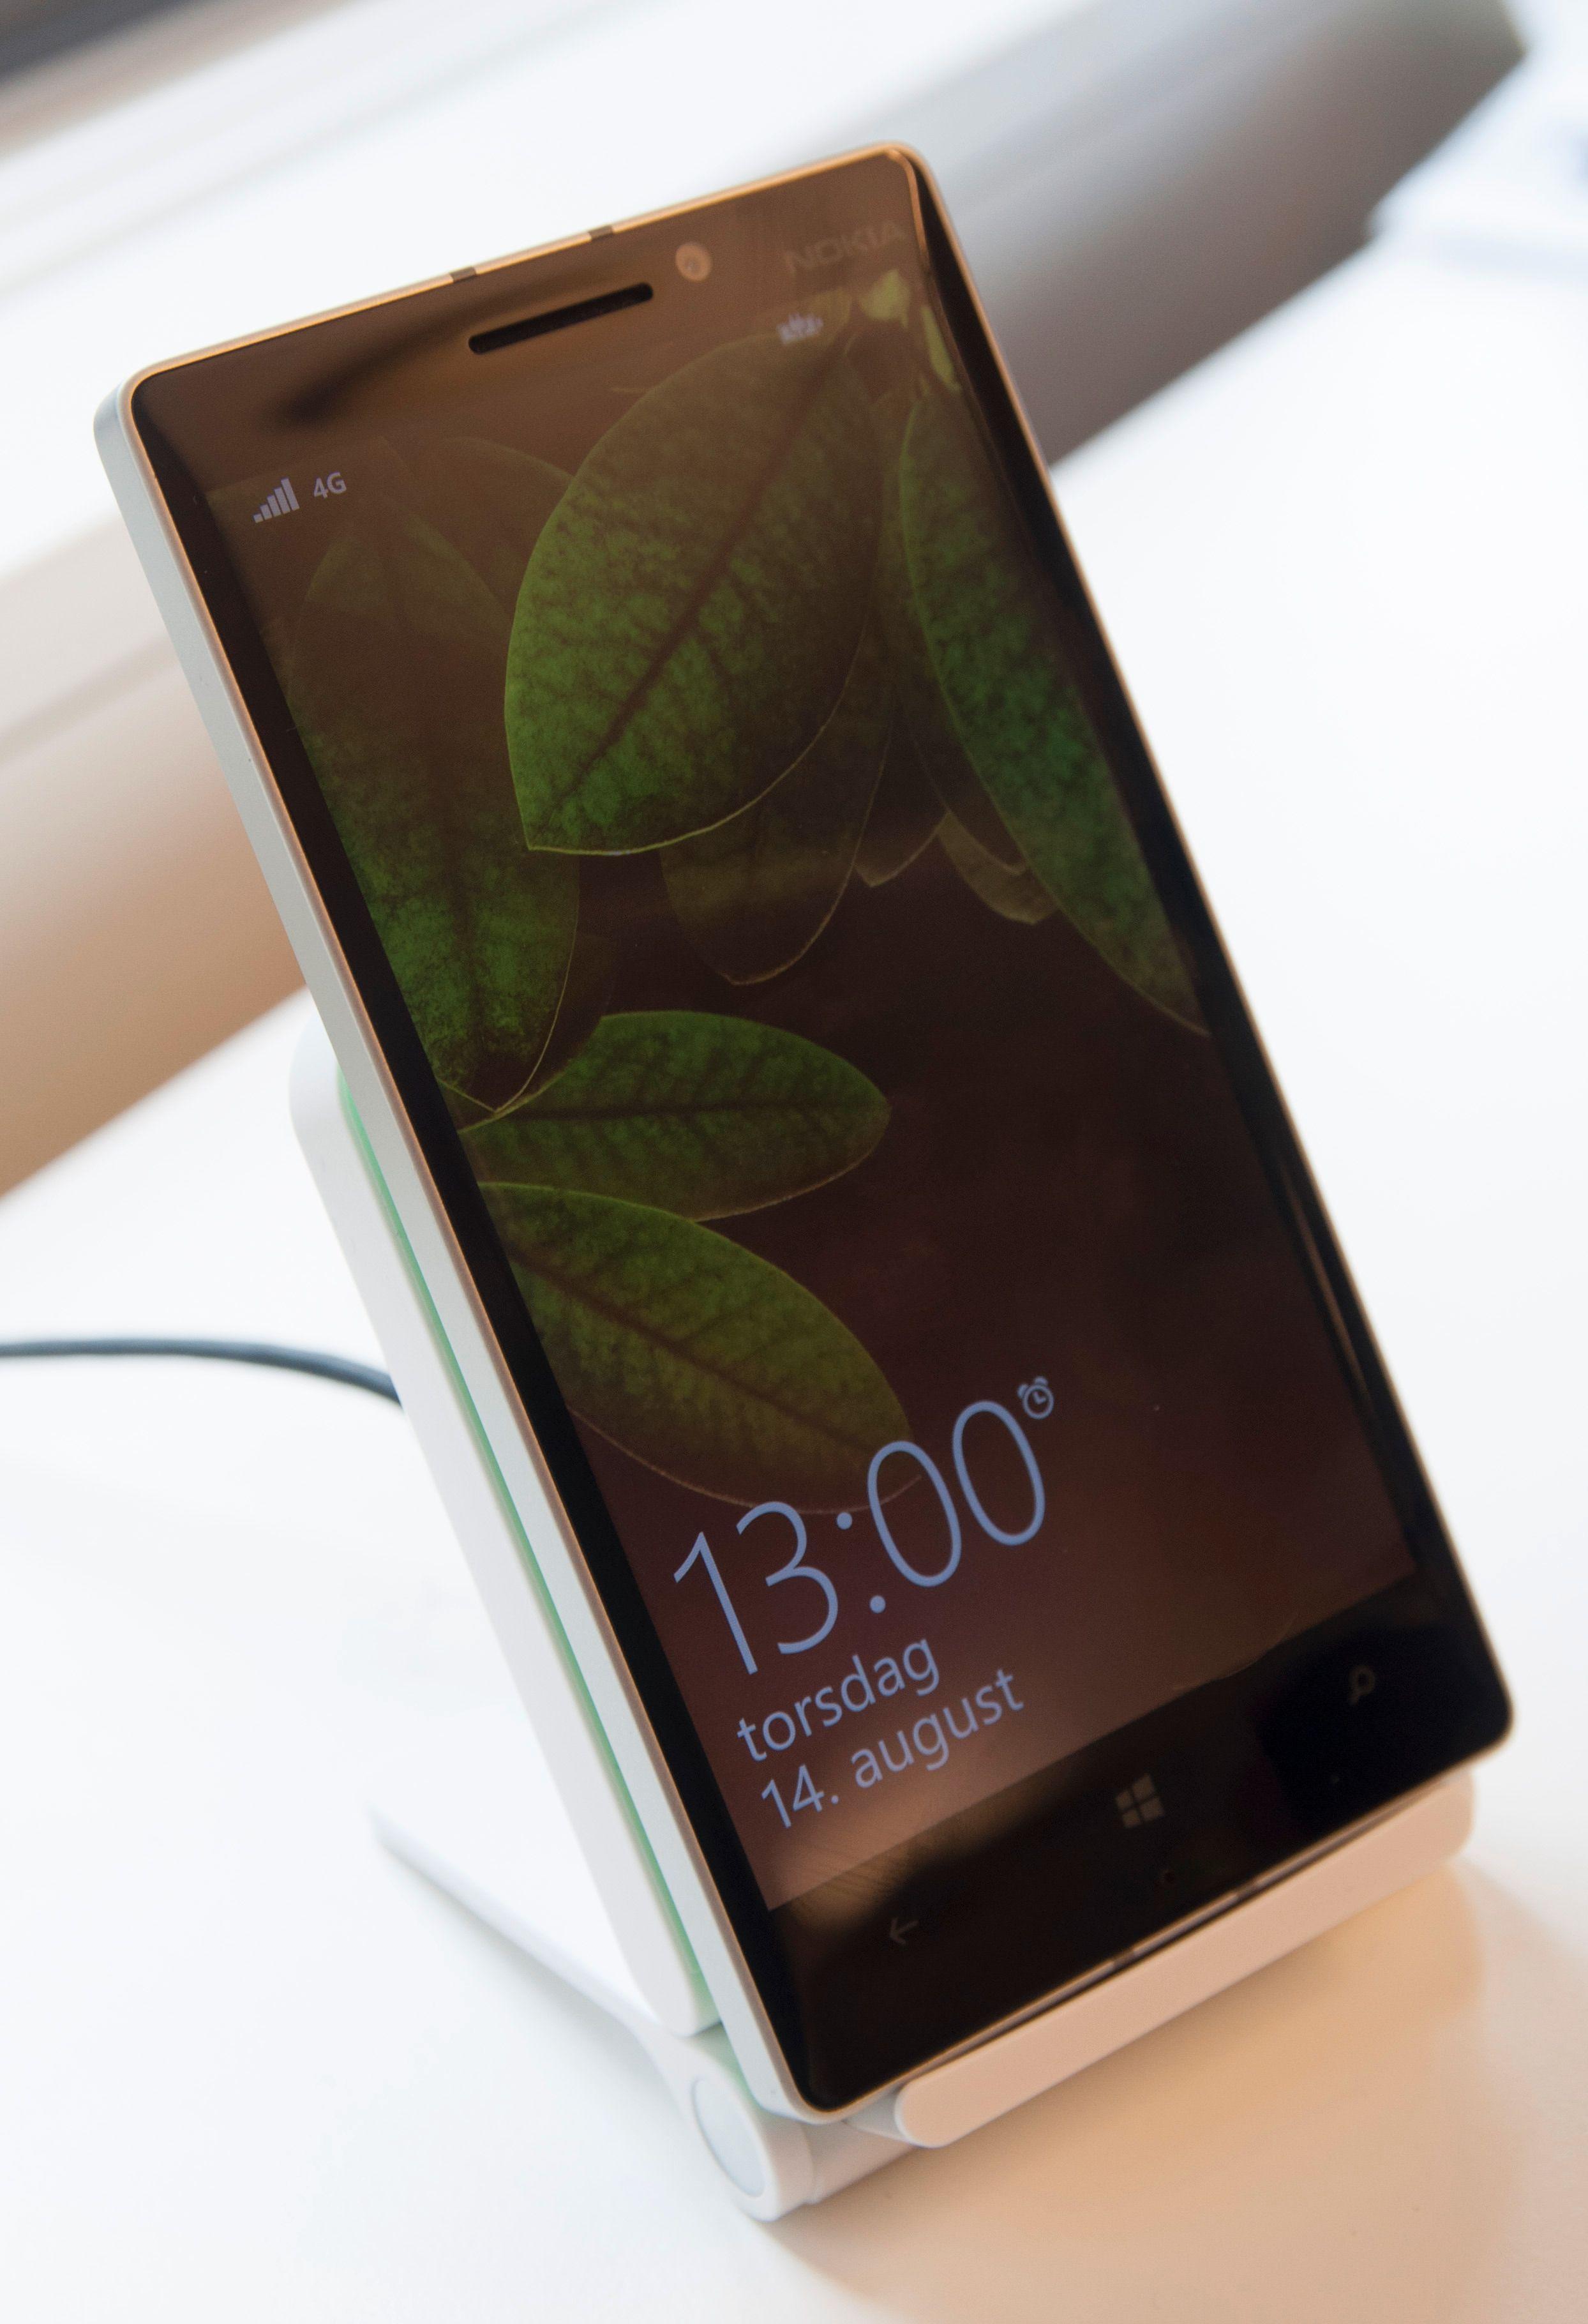 Nokia Lumia 930 støtter stort sett de trådløse ladeløsningene du finner i butikk i dag. Her flotter den seg i LGs nye trådløse lader.Foto: Finn Jarle Kvalheim, Amobil.no